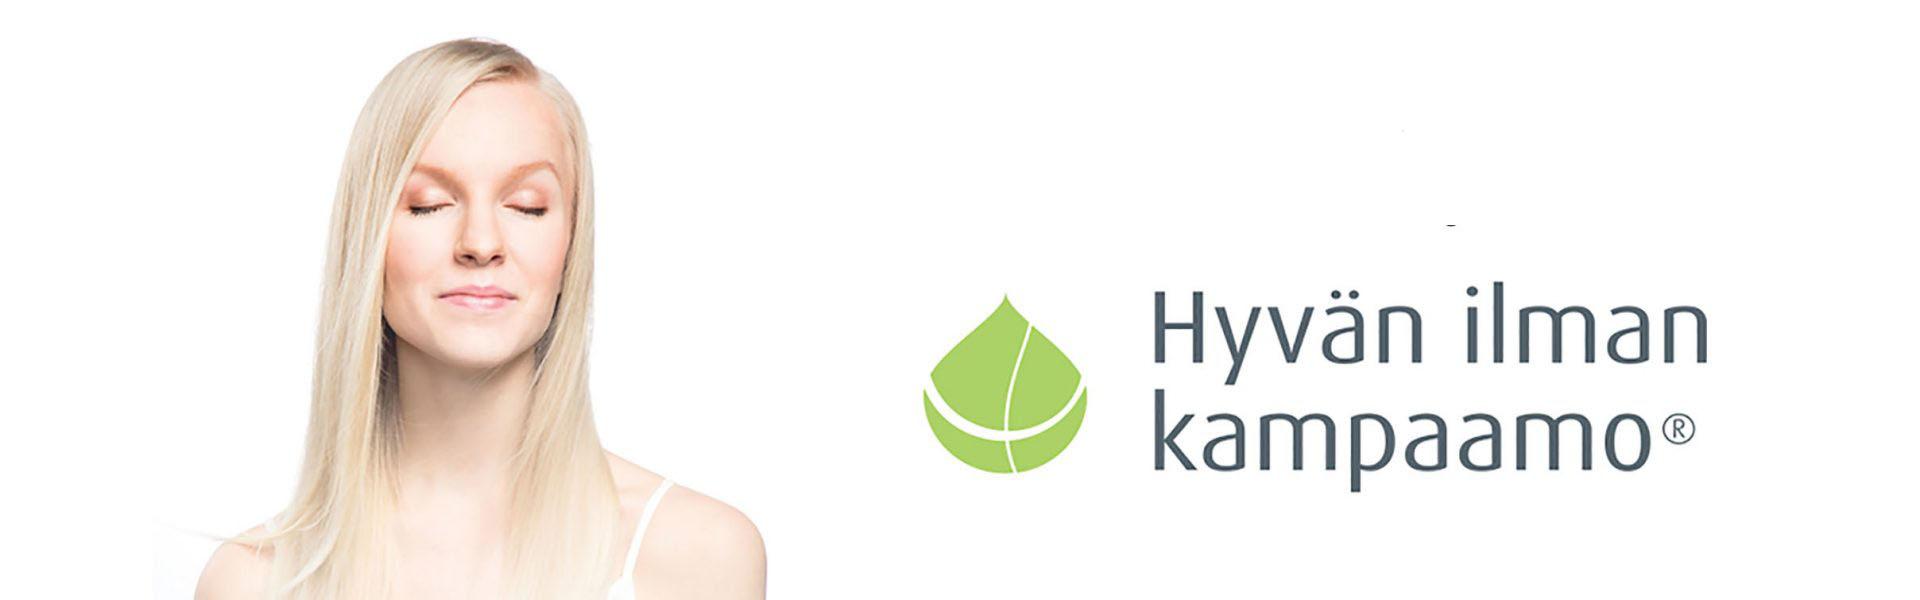 Allergiaystävällinen Hyvän ilman Kampaamo - Ylöjärvi